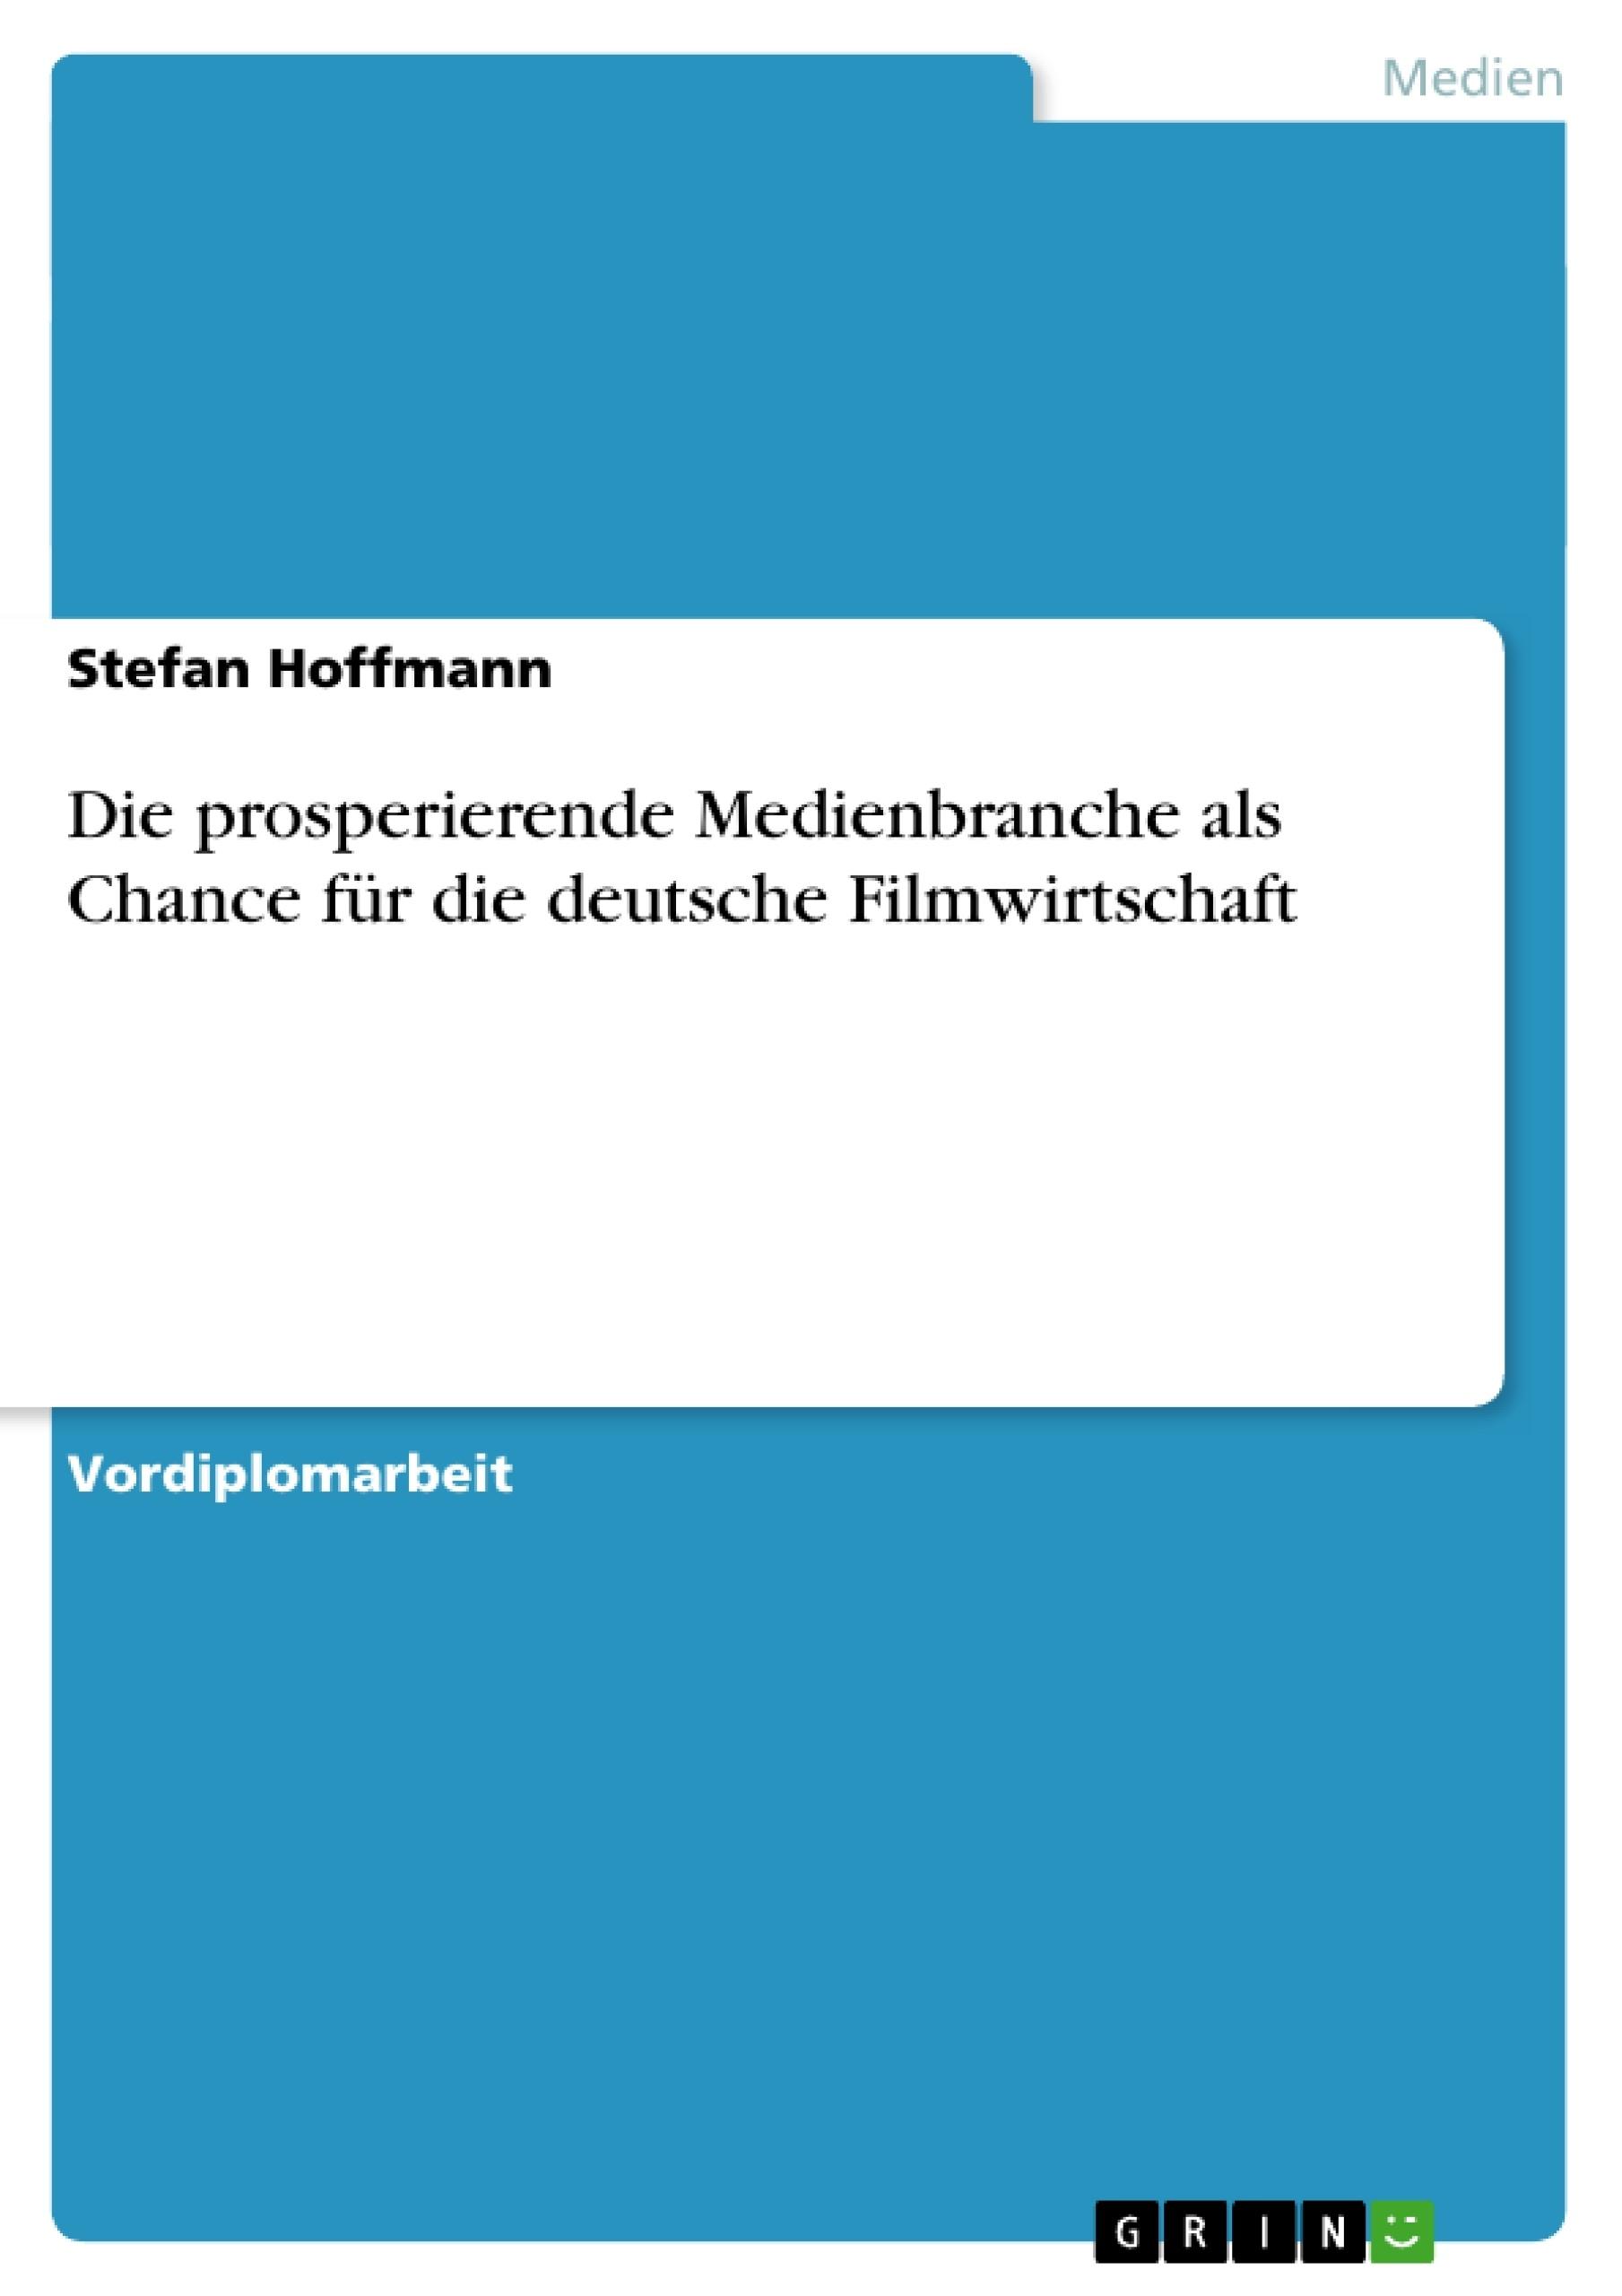 Titel: Die prosperierende Medienbranche als Chance für die deutsche Filmwirtschaft